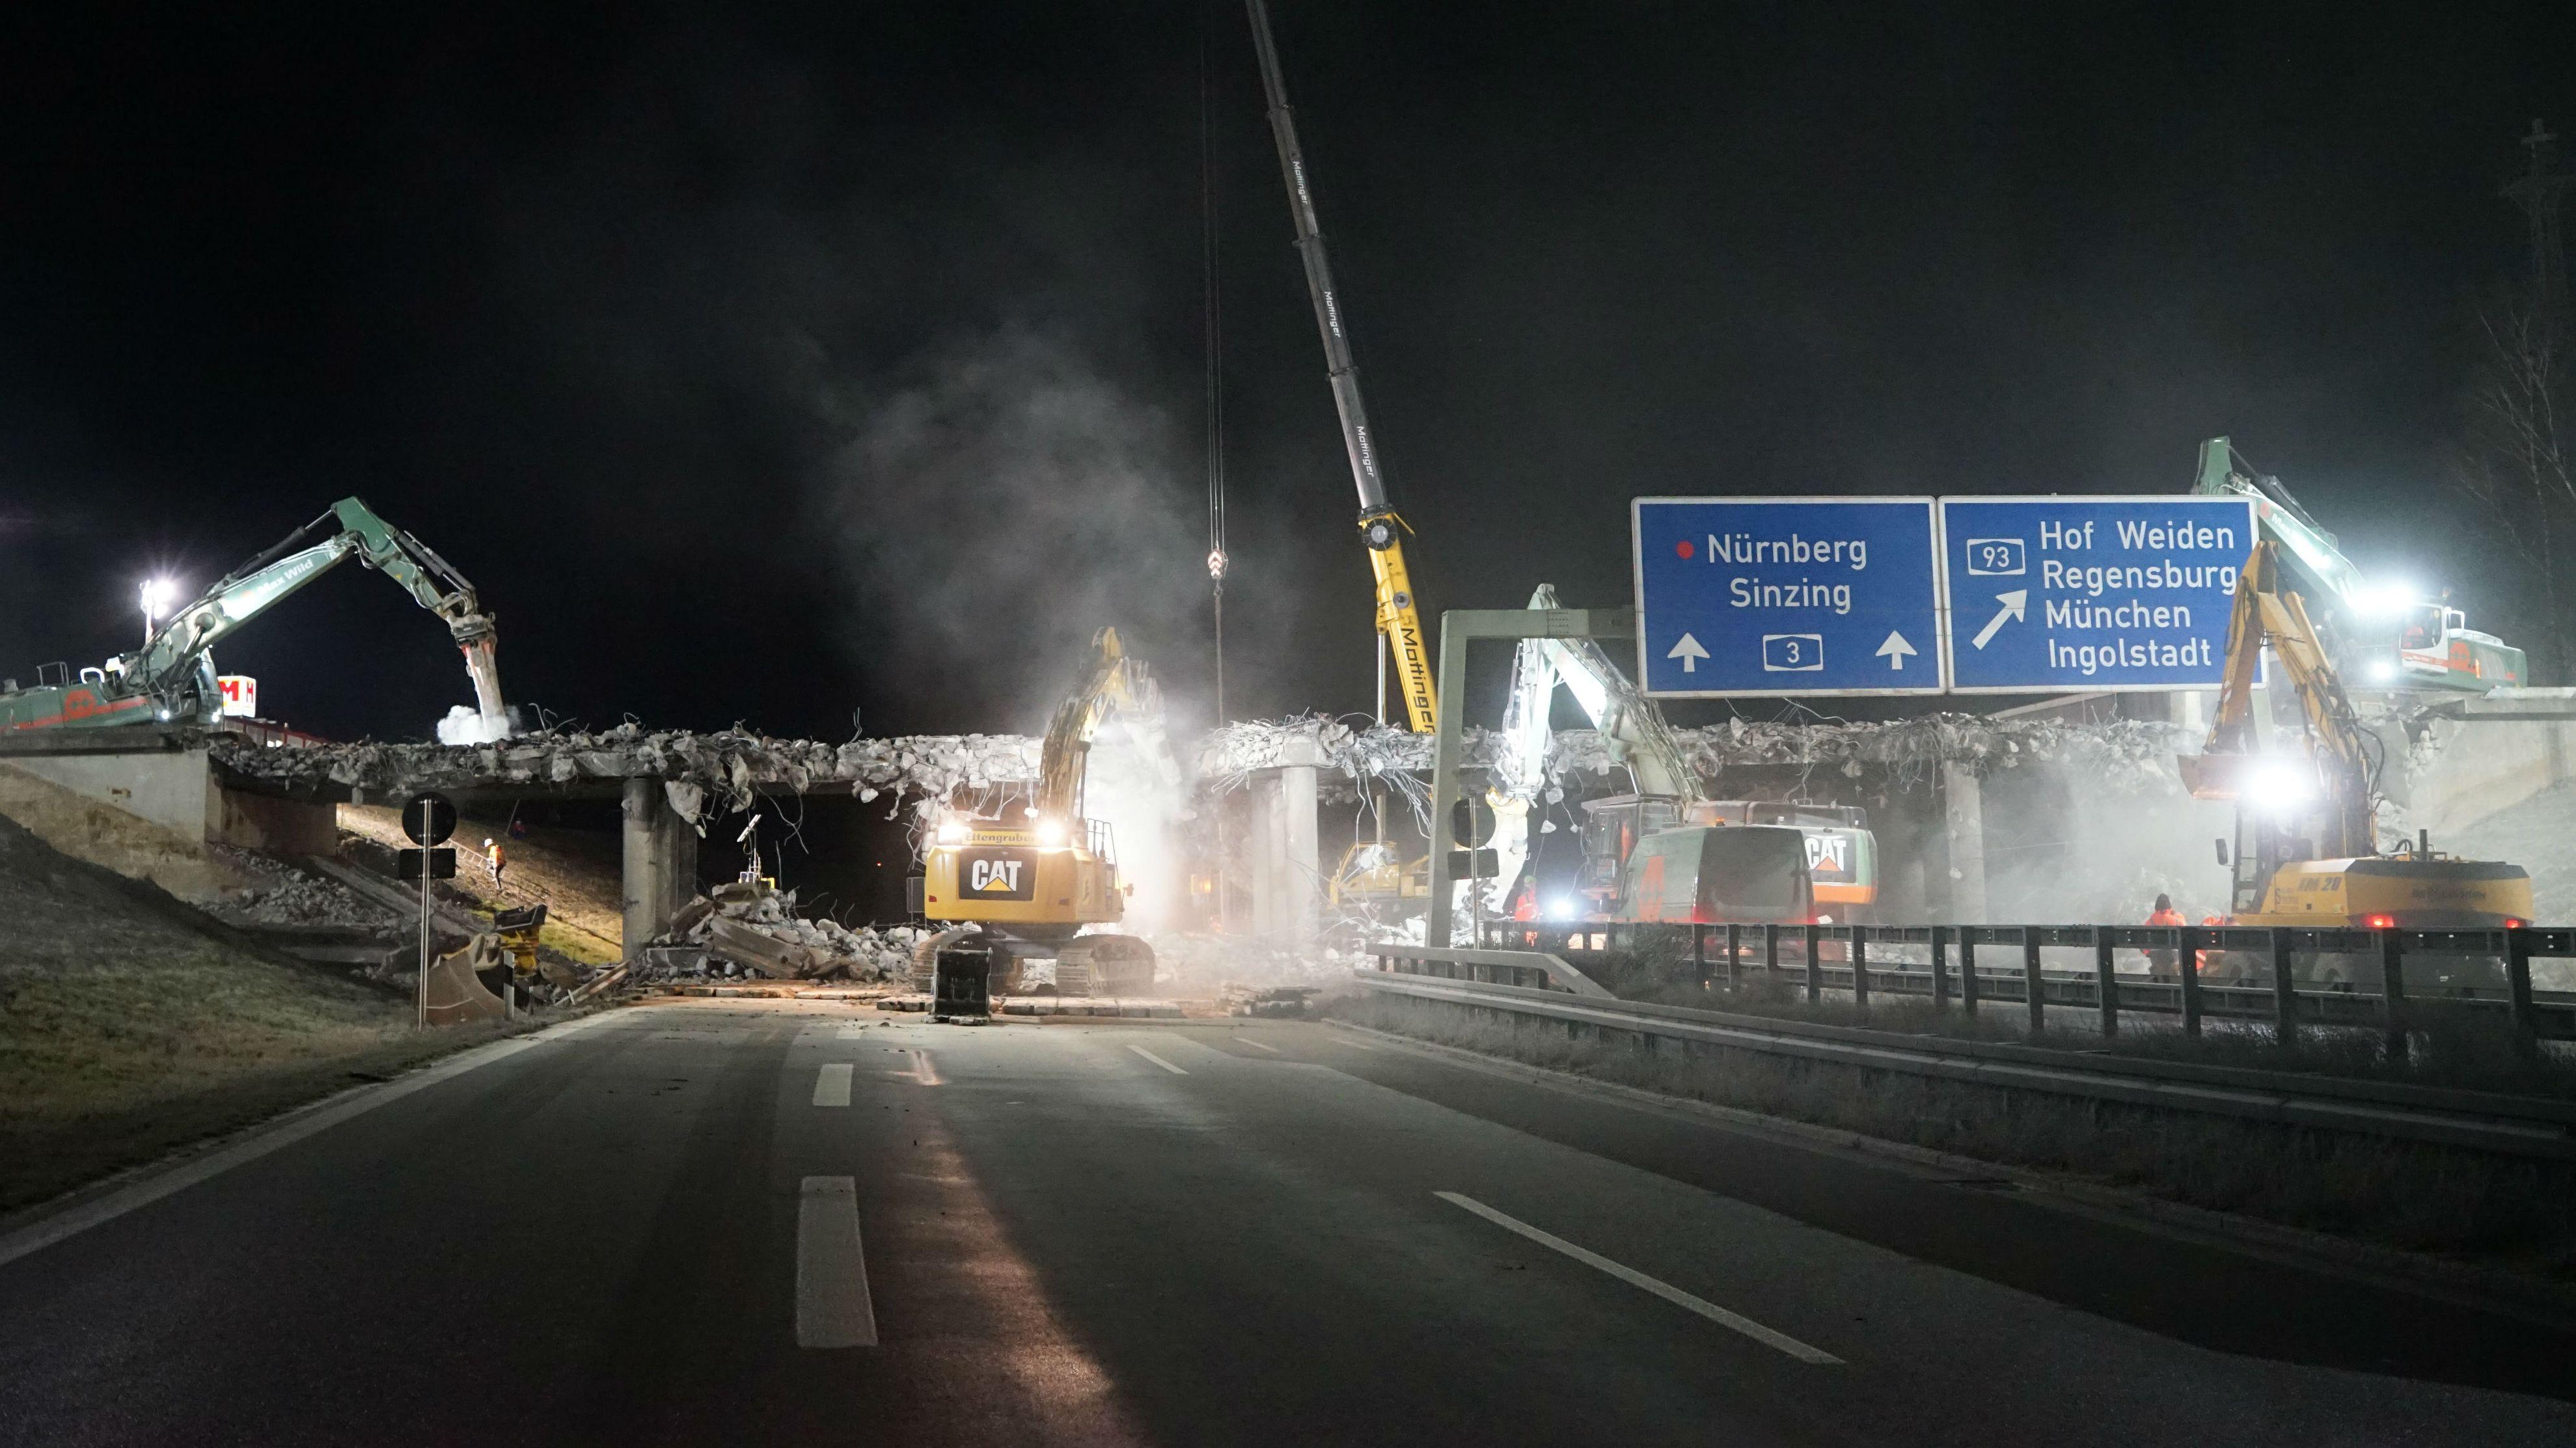 An der A3 südlich bei Regensburg haben Bauarbeiter am Samstagabend  planmäßig mit dem Abbruch von zwei Autobahnüberführungen begonnen.